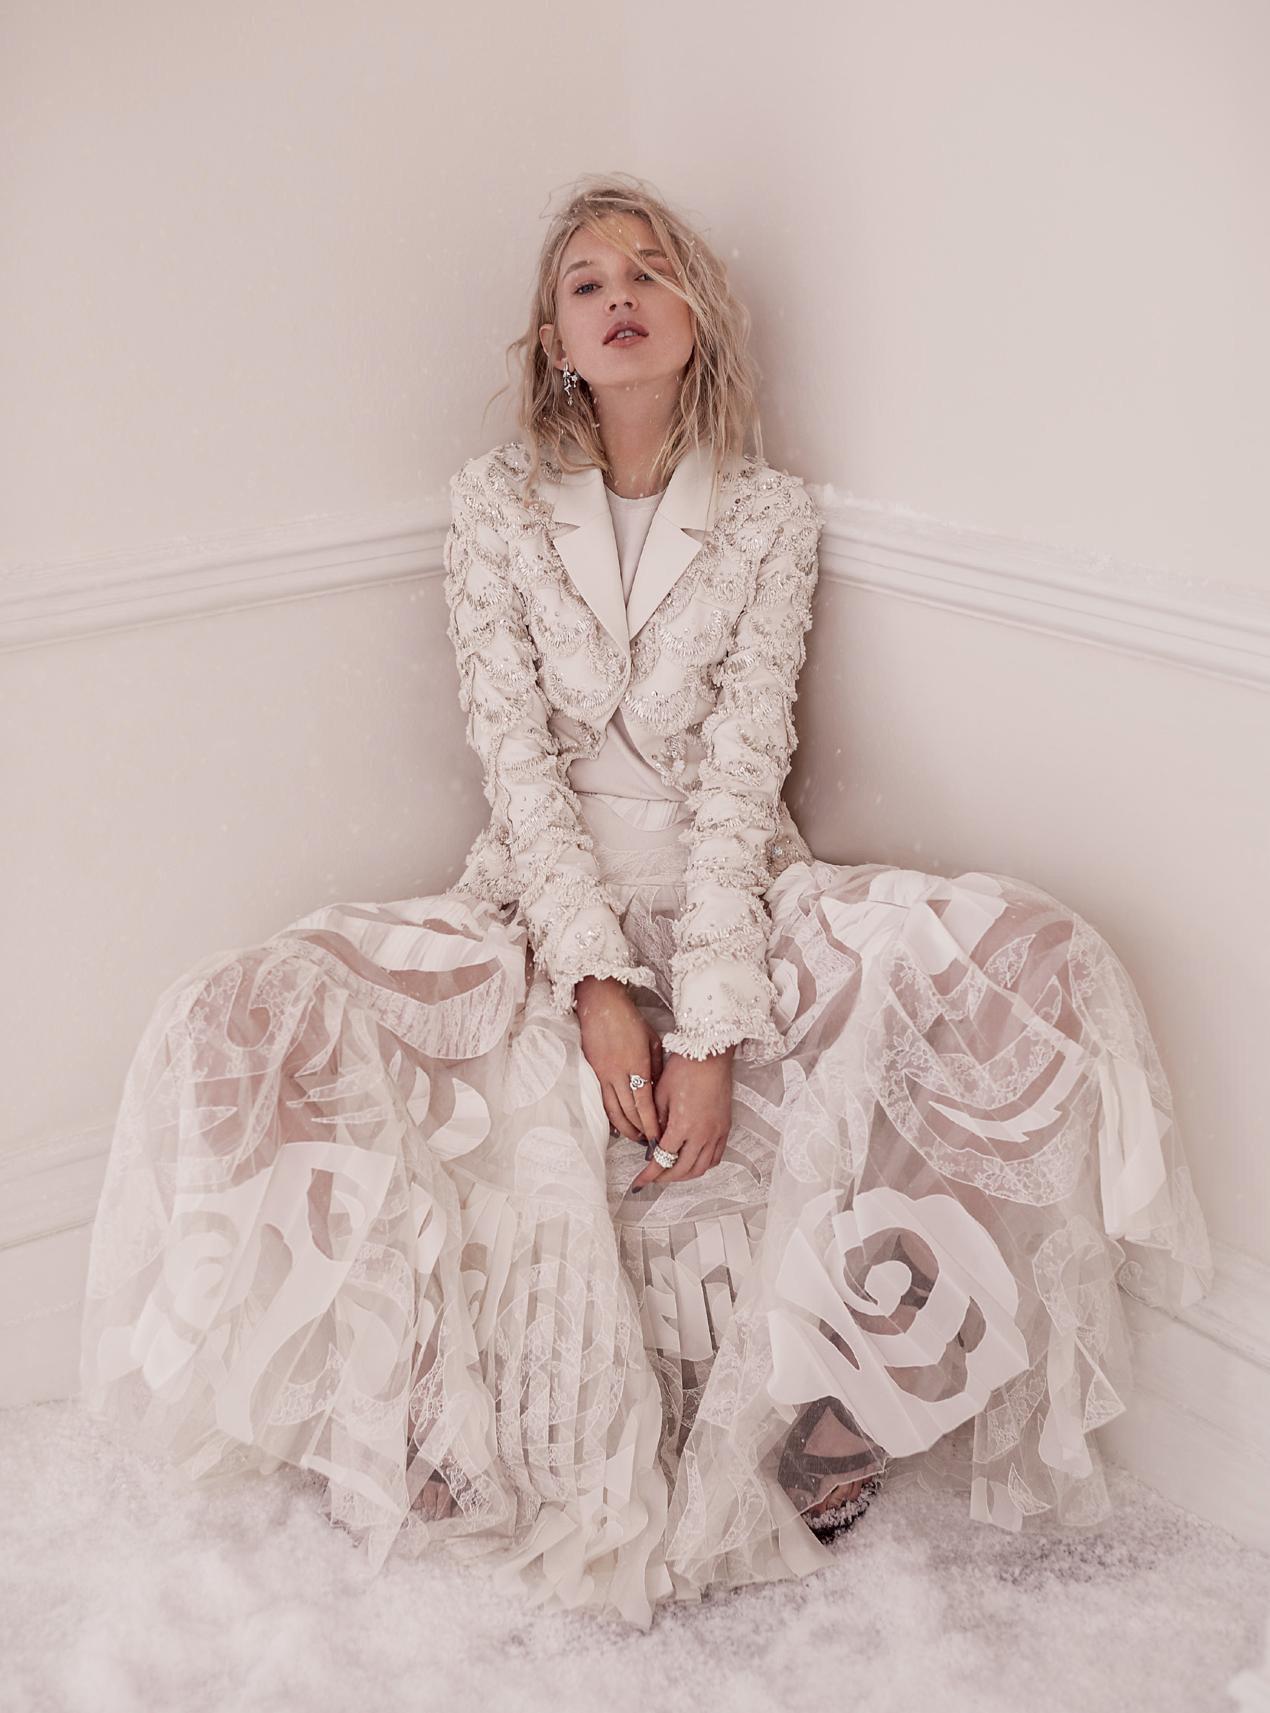 куртка из шерстяного крепа с пайетками, вязаный топ, юбка из шелкового тюля и кружева,  сандалии из замши, Dior Haute Couture; серьги и кольцо из белого золота с бриллиантами, Dior Joaillerie